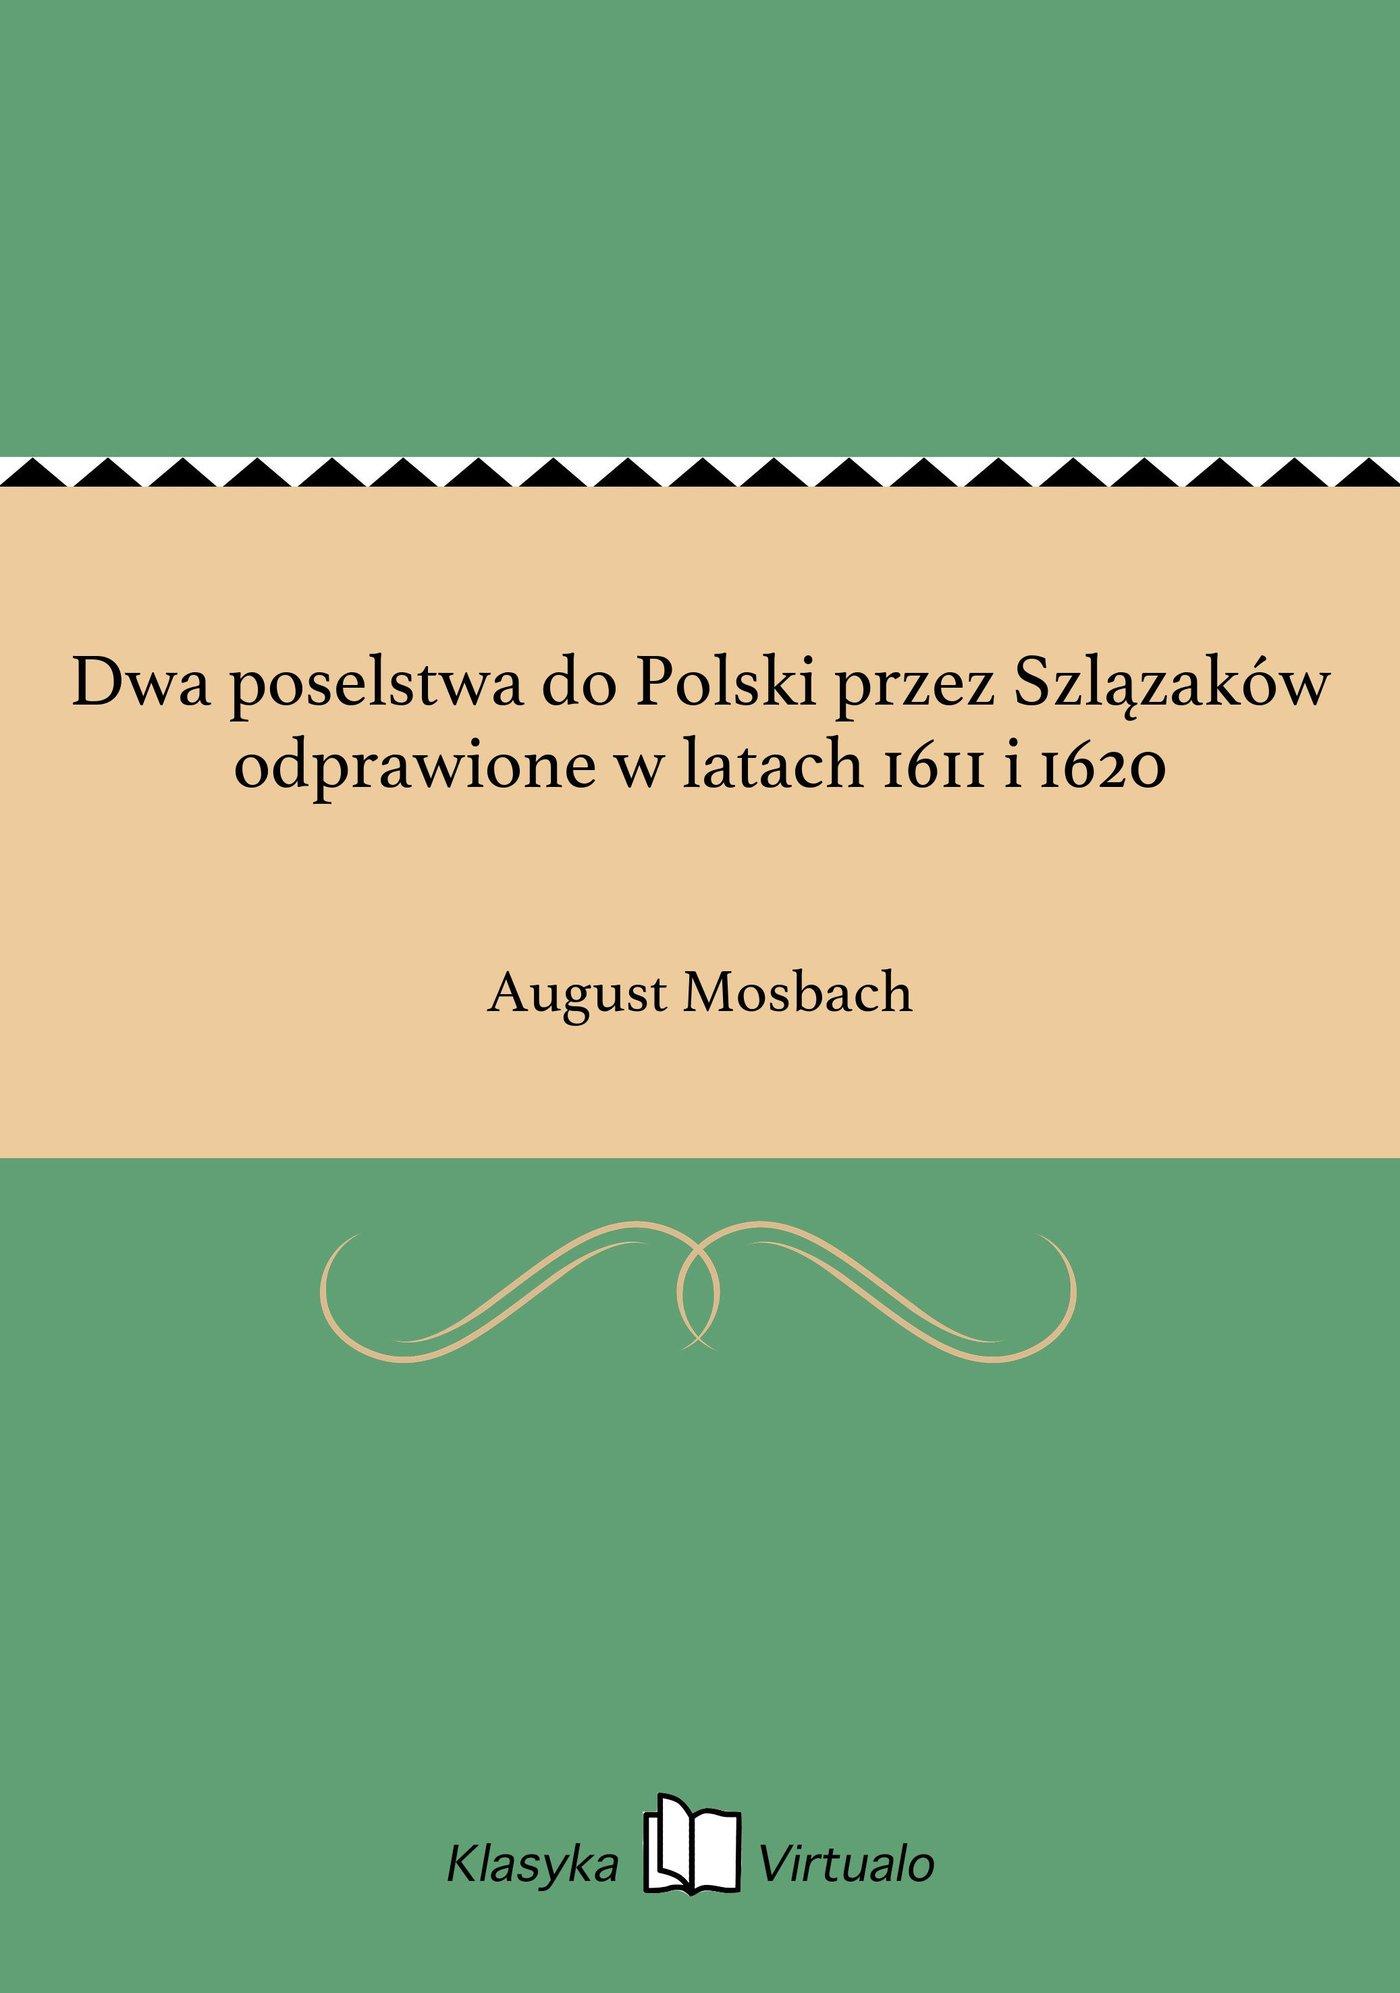 Dwa poselstwa do Polski przez Szlązaków odprawione w latach 1611 i 1620 - Ebook (Książka EPUB) do pobrania w formacie EPUB